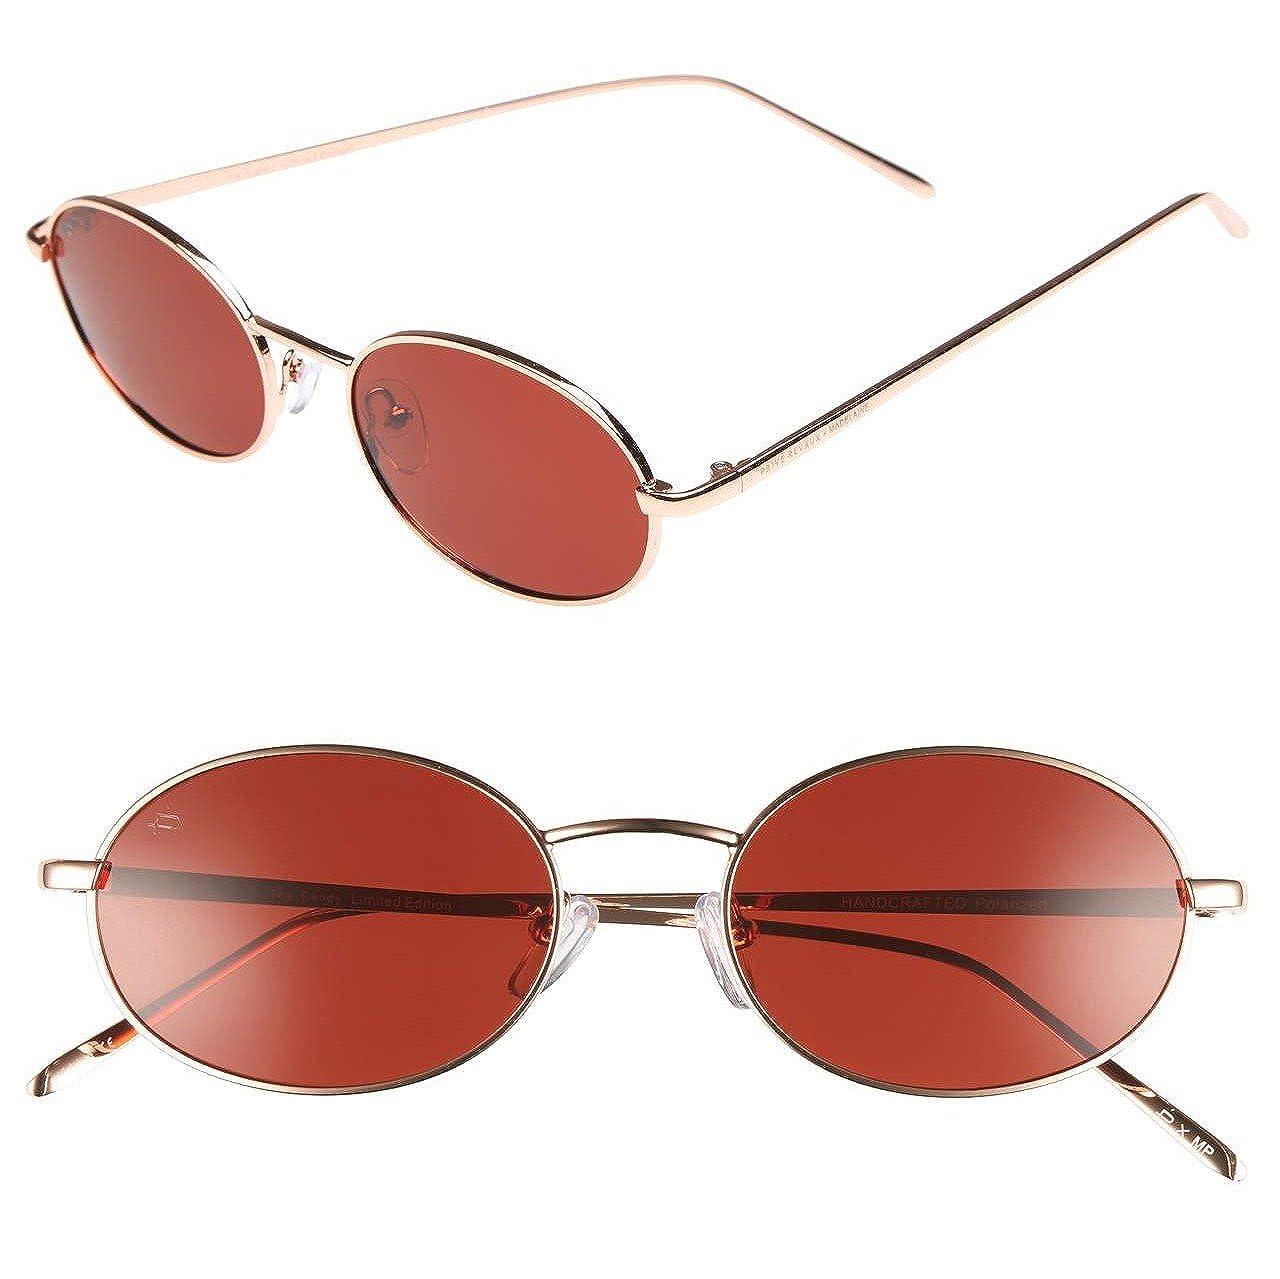 PRIVÉ REVAUX Donna Madelaine occhiali da sole collezione di design 818893022814